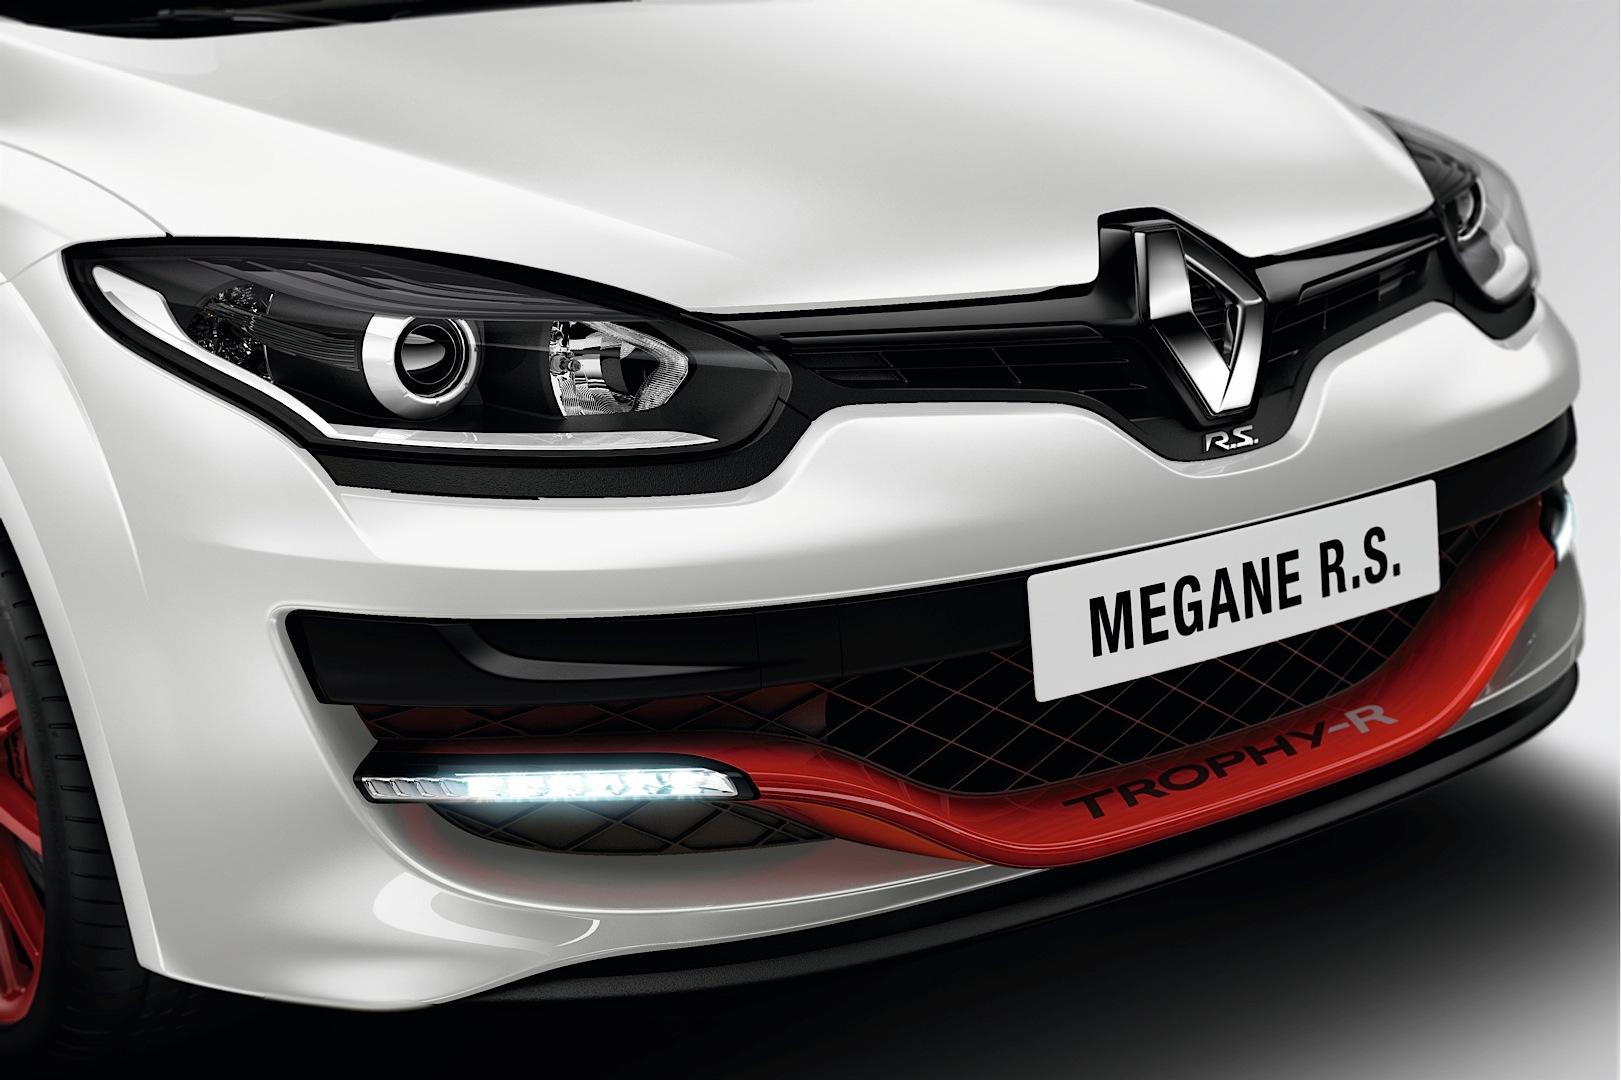 renault megane rs 275 trophy r sets new nurburgring lap. Black Bedroom Furniture Sets. Home Design Ideas